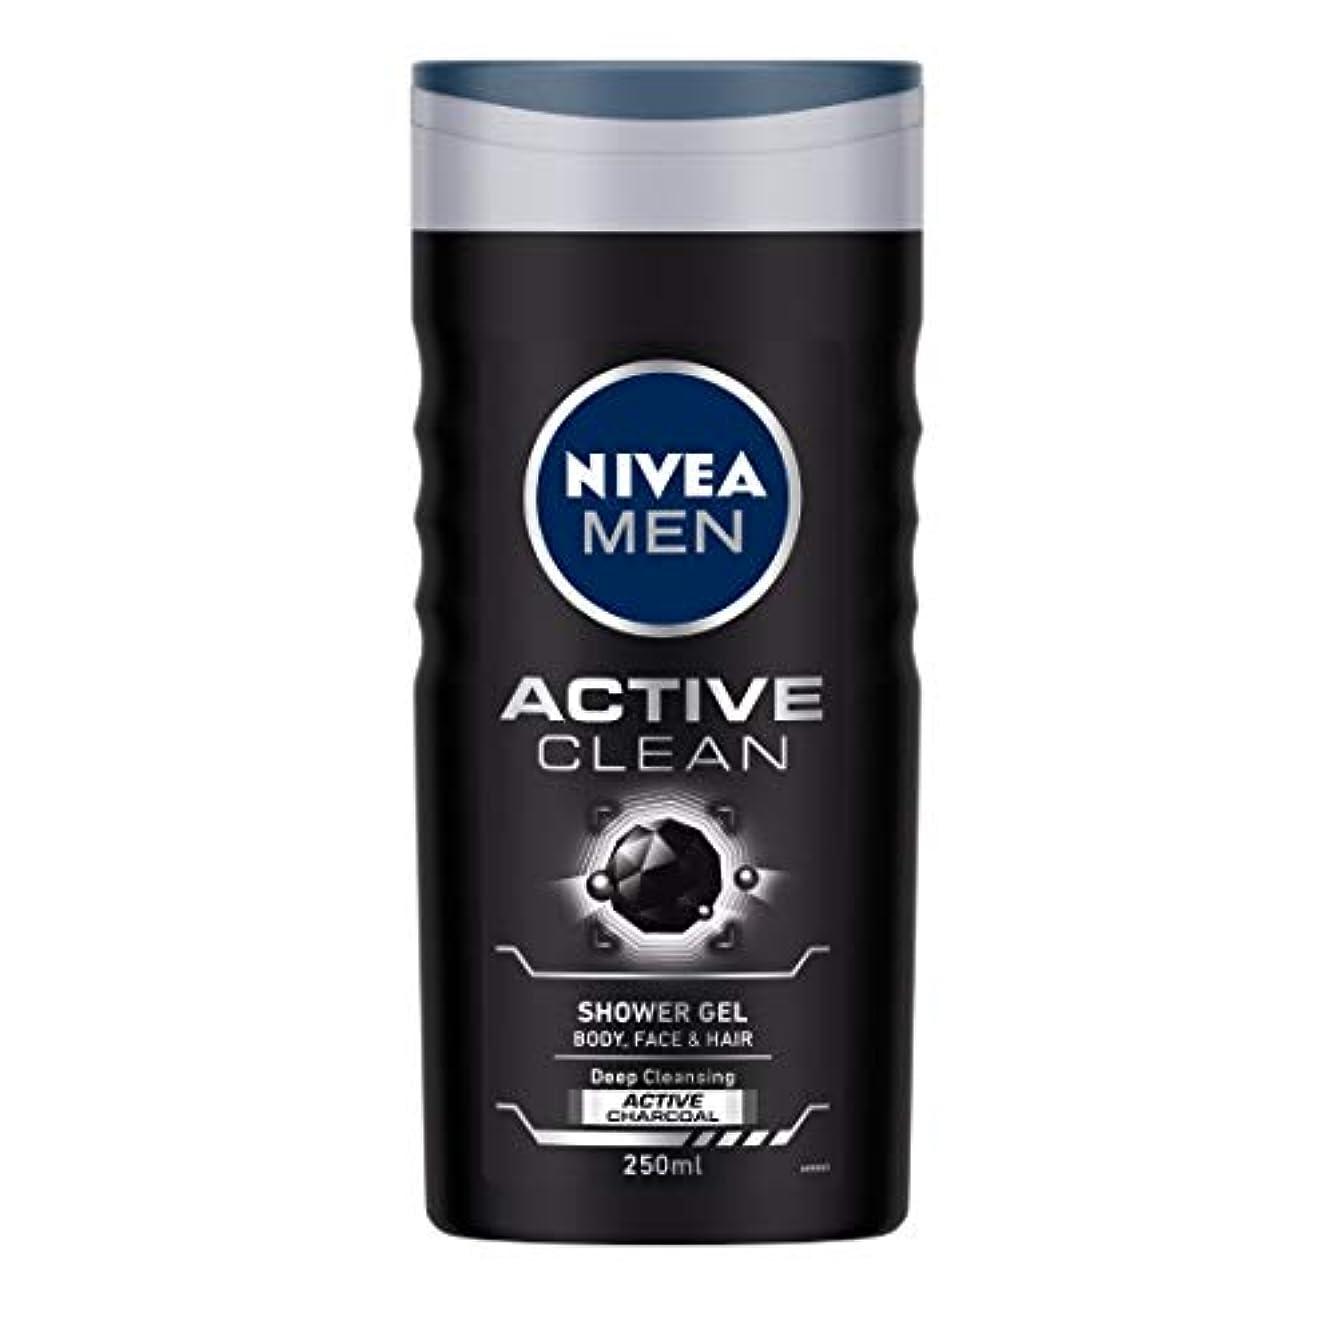 プット引退する稼ぐNivea Men Active Clean Shower Gel, 250ml